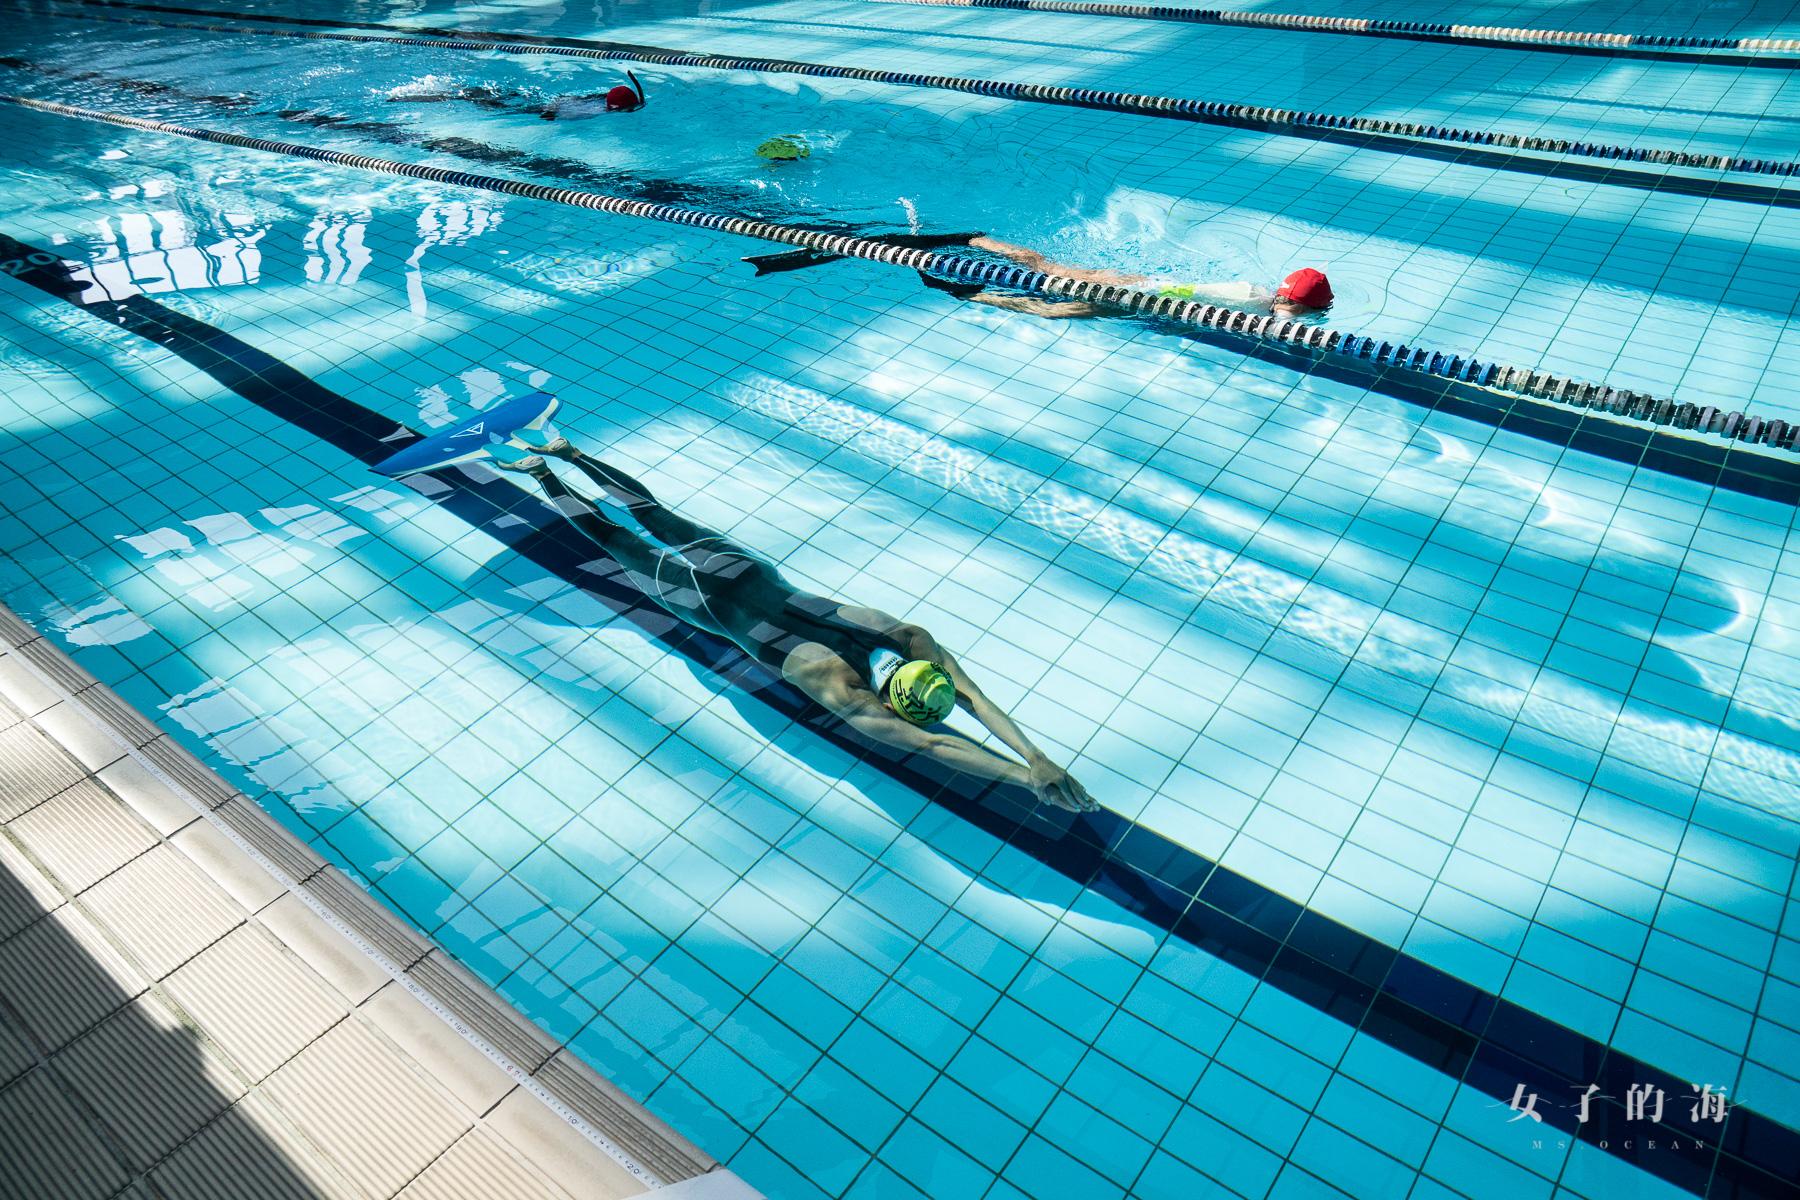 環太平洋自由潛水泳池賽裁判戒護